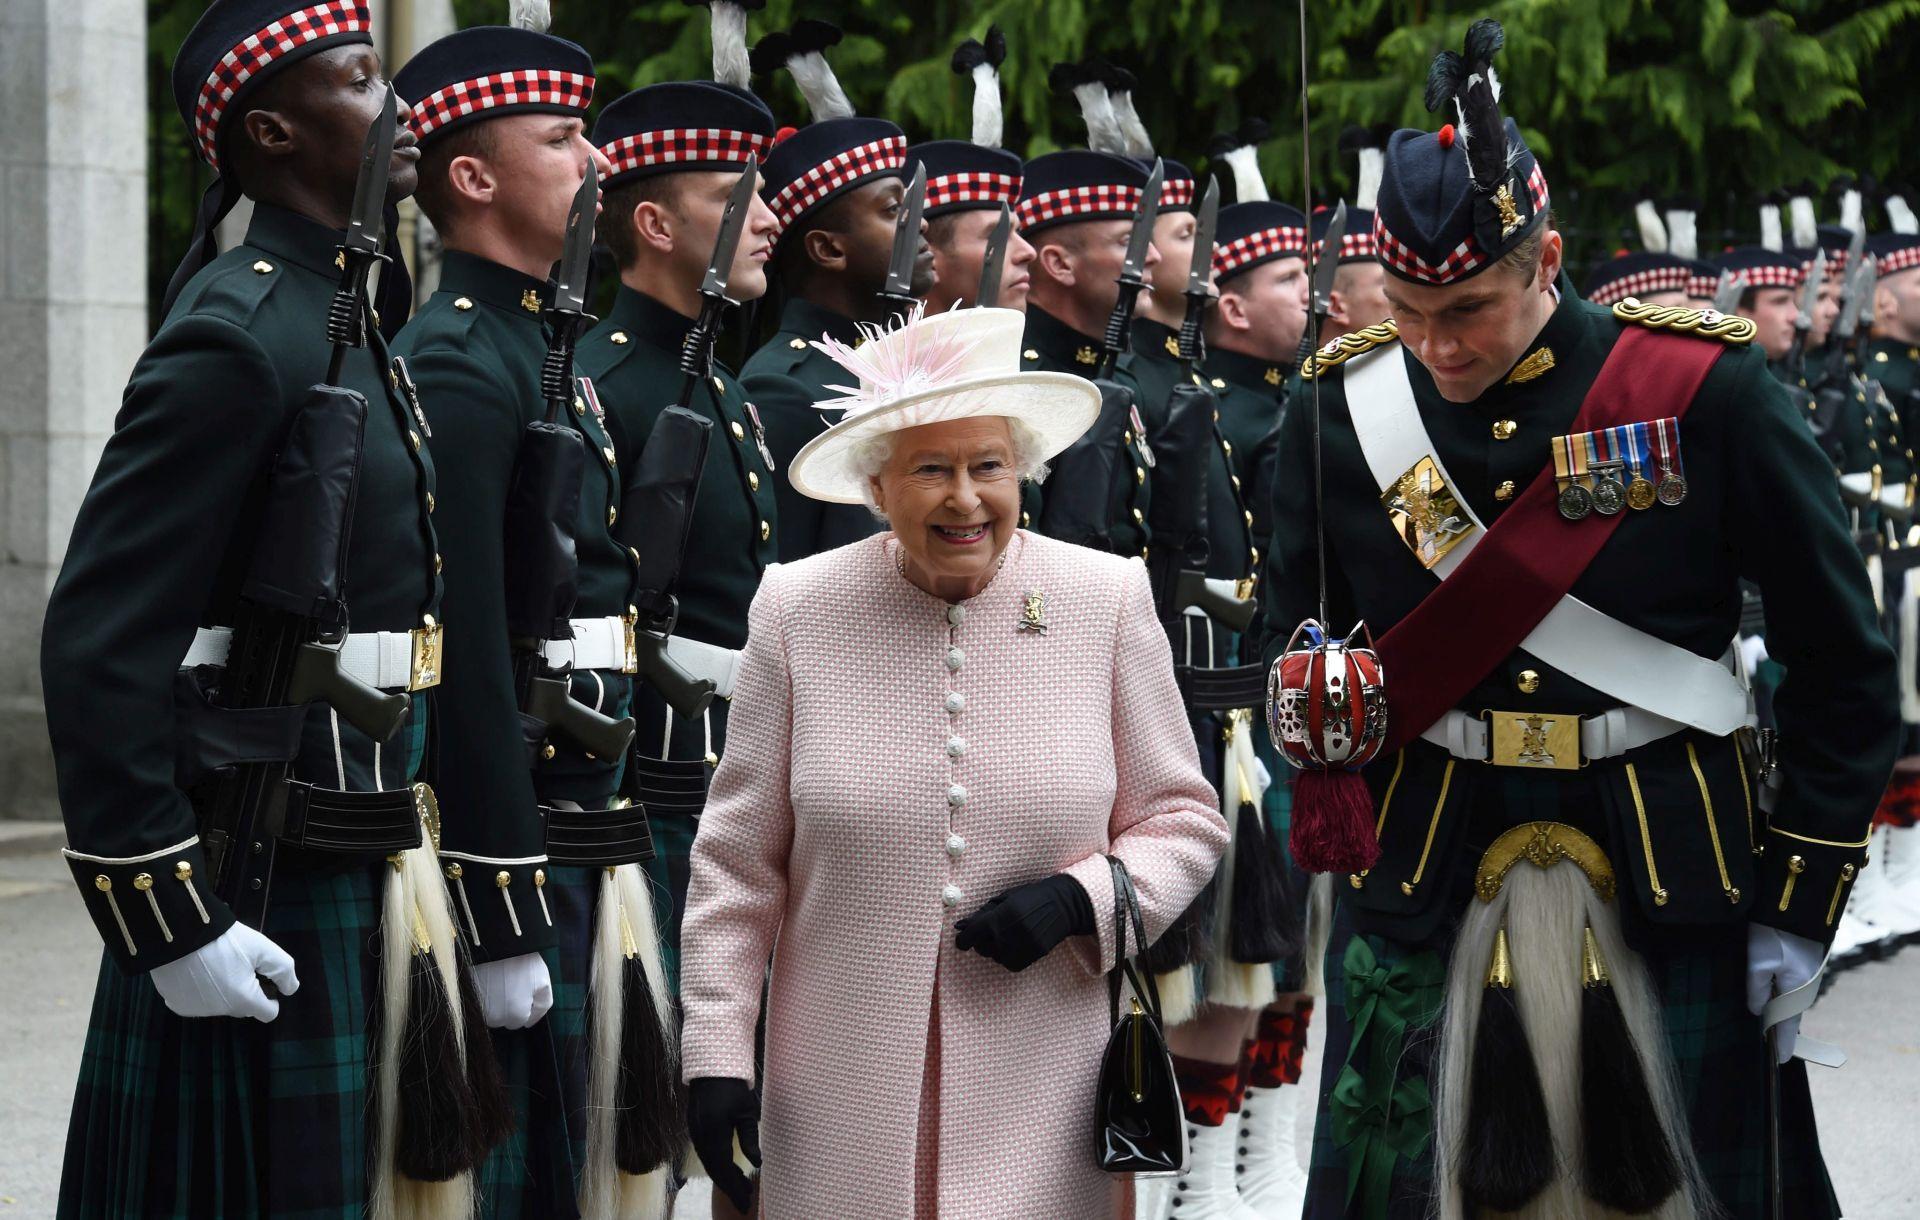 POSAO ZA CIJELI ŽIVOT Elizabeta II. postaje britanska vladarica s najdužim 'stažom'